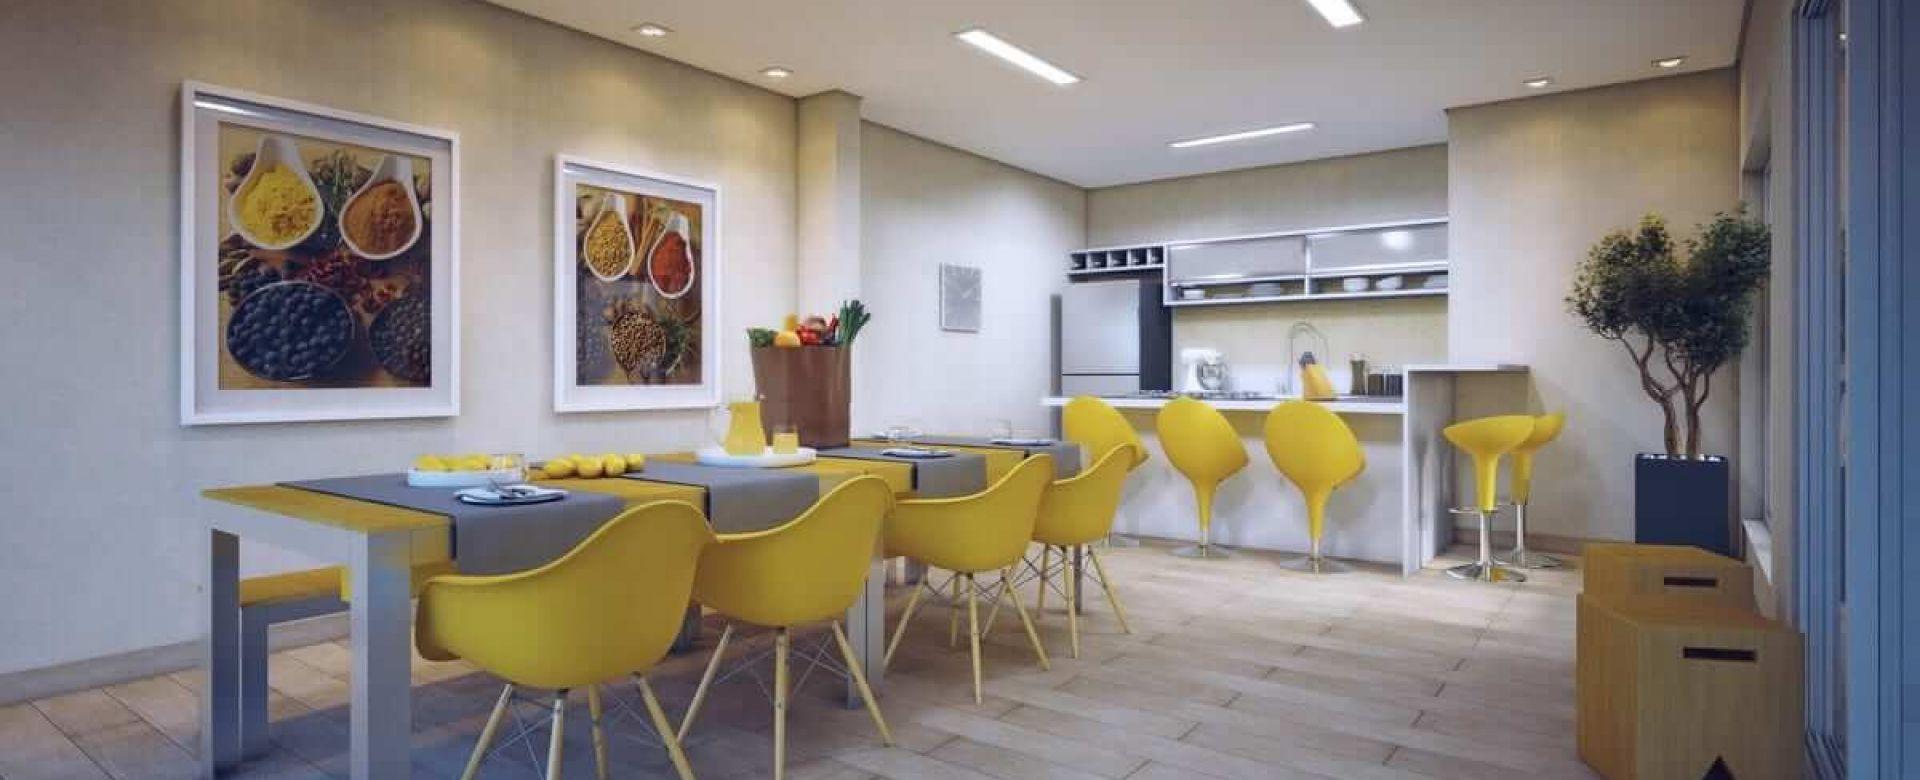 Residencial Flamboyant, foto 1